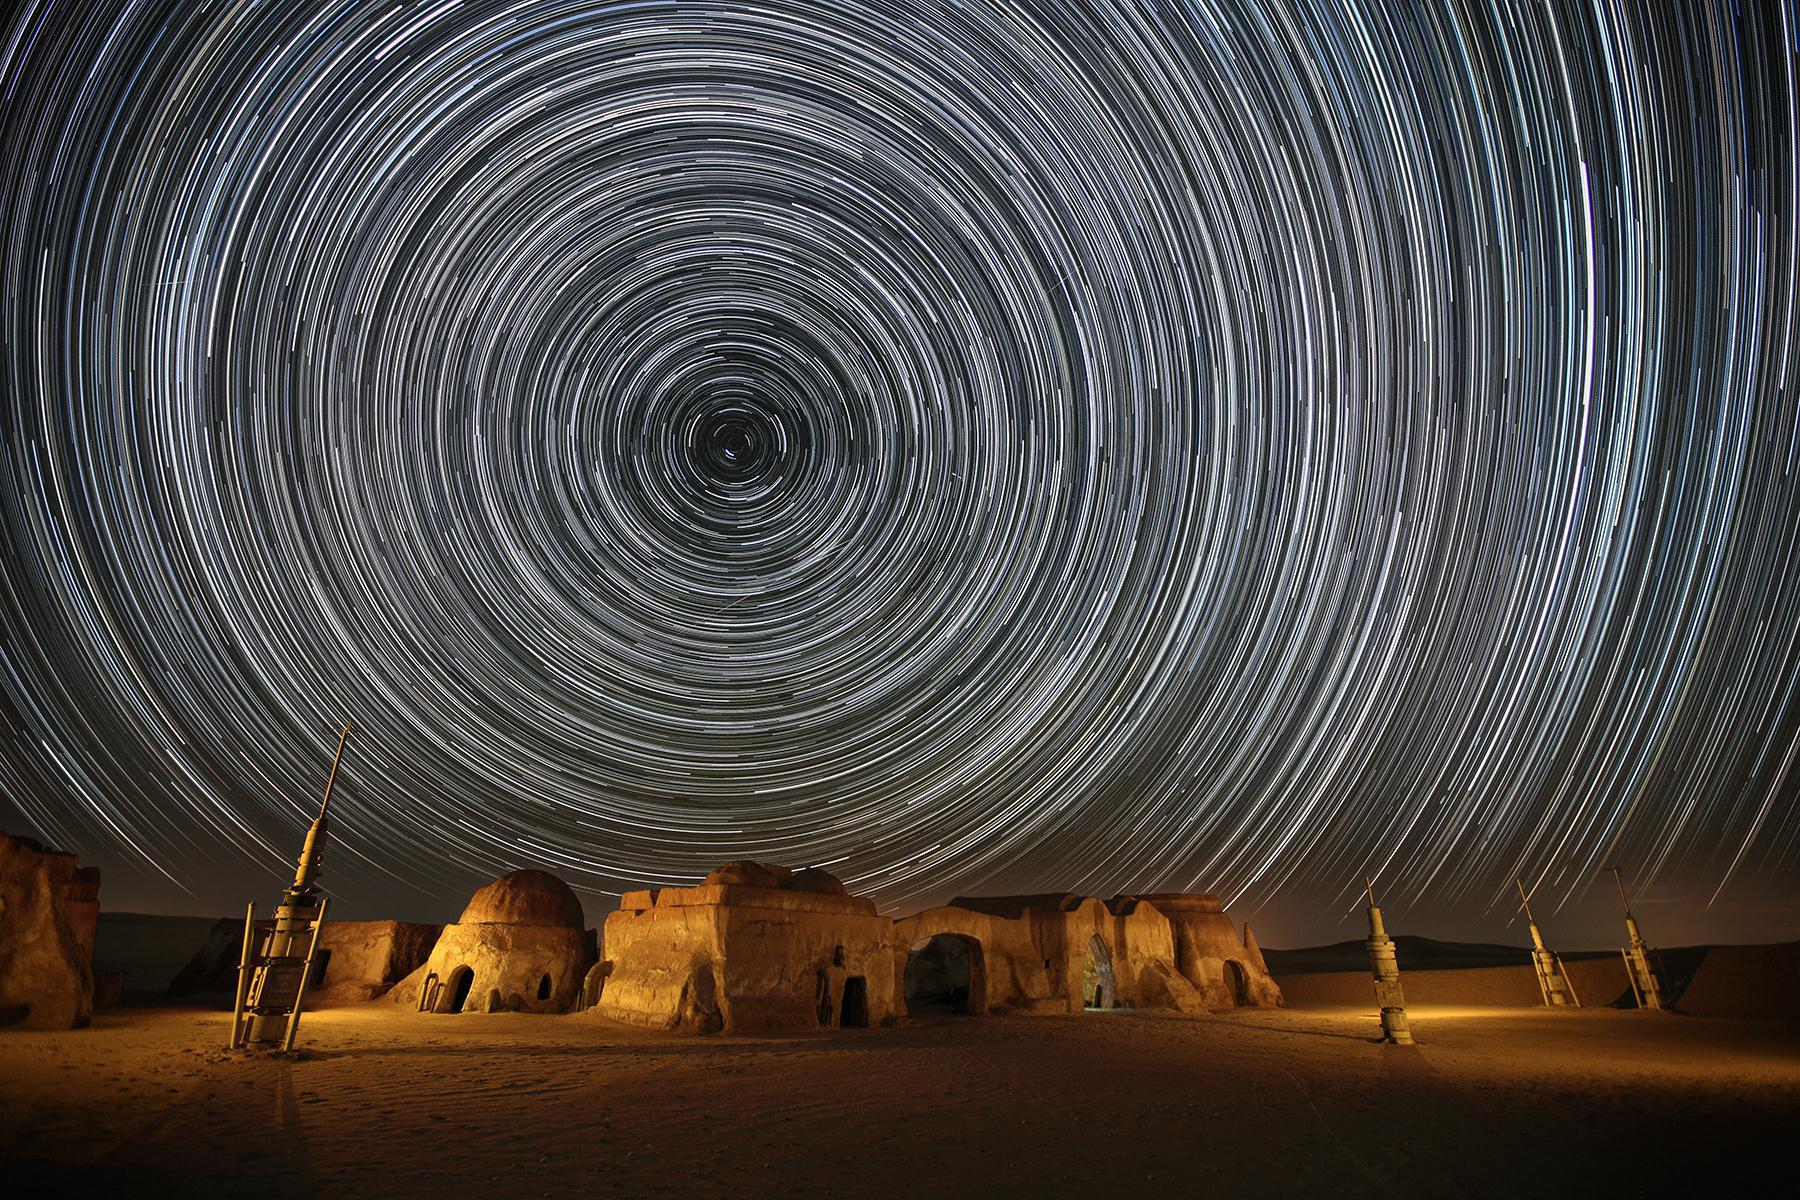 2014. Απρίλιος. Σκηνικό από την ταινία Ο ΠΟΛΕΜΟΣ ΤΩΝ ΑΣΤΡΩΝ στην έρημο της Τυνησίας.